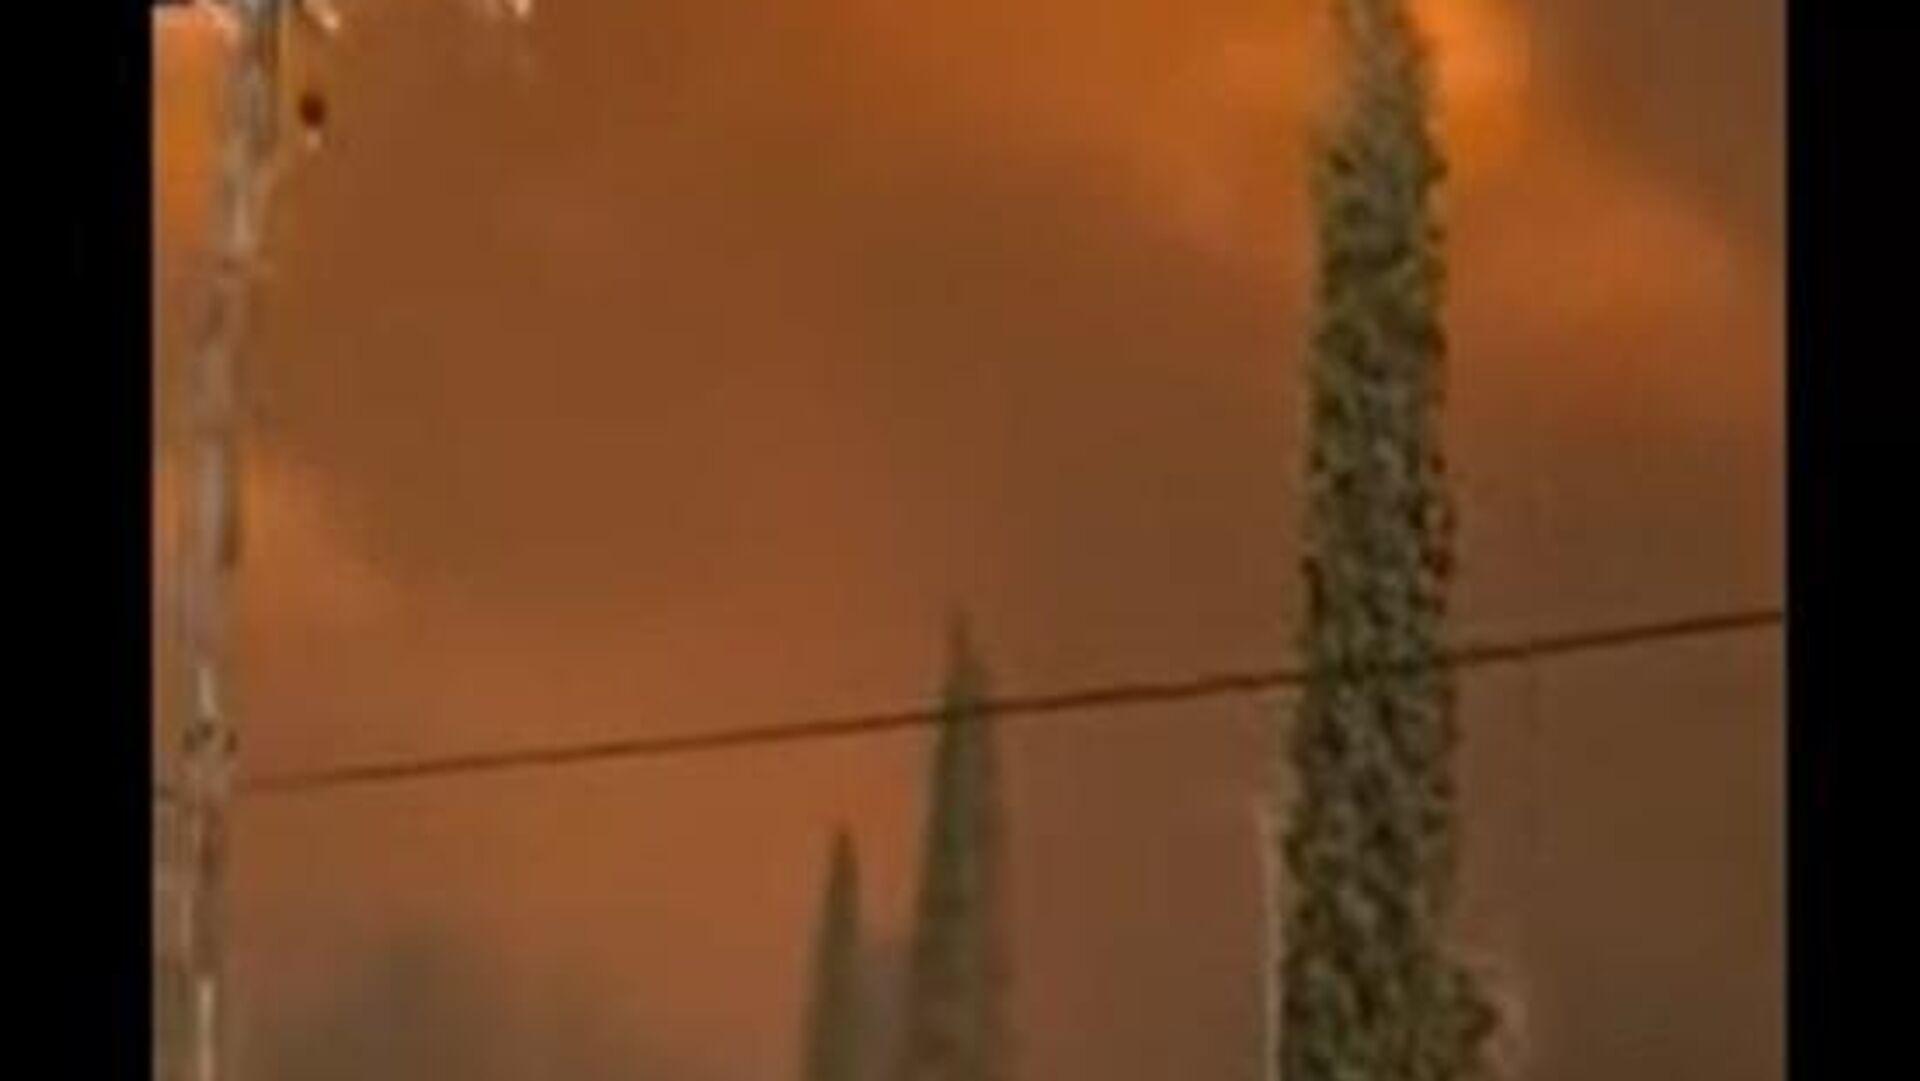 Φωτιά στην Αρκαδία - Sputnik Ελλάδα, 1920, 07.08.2021